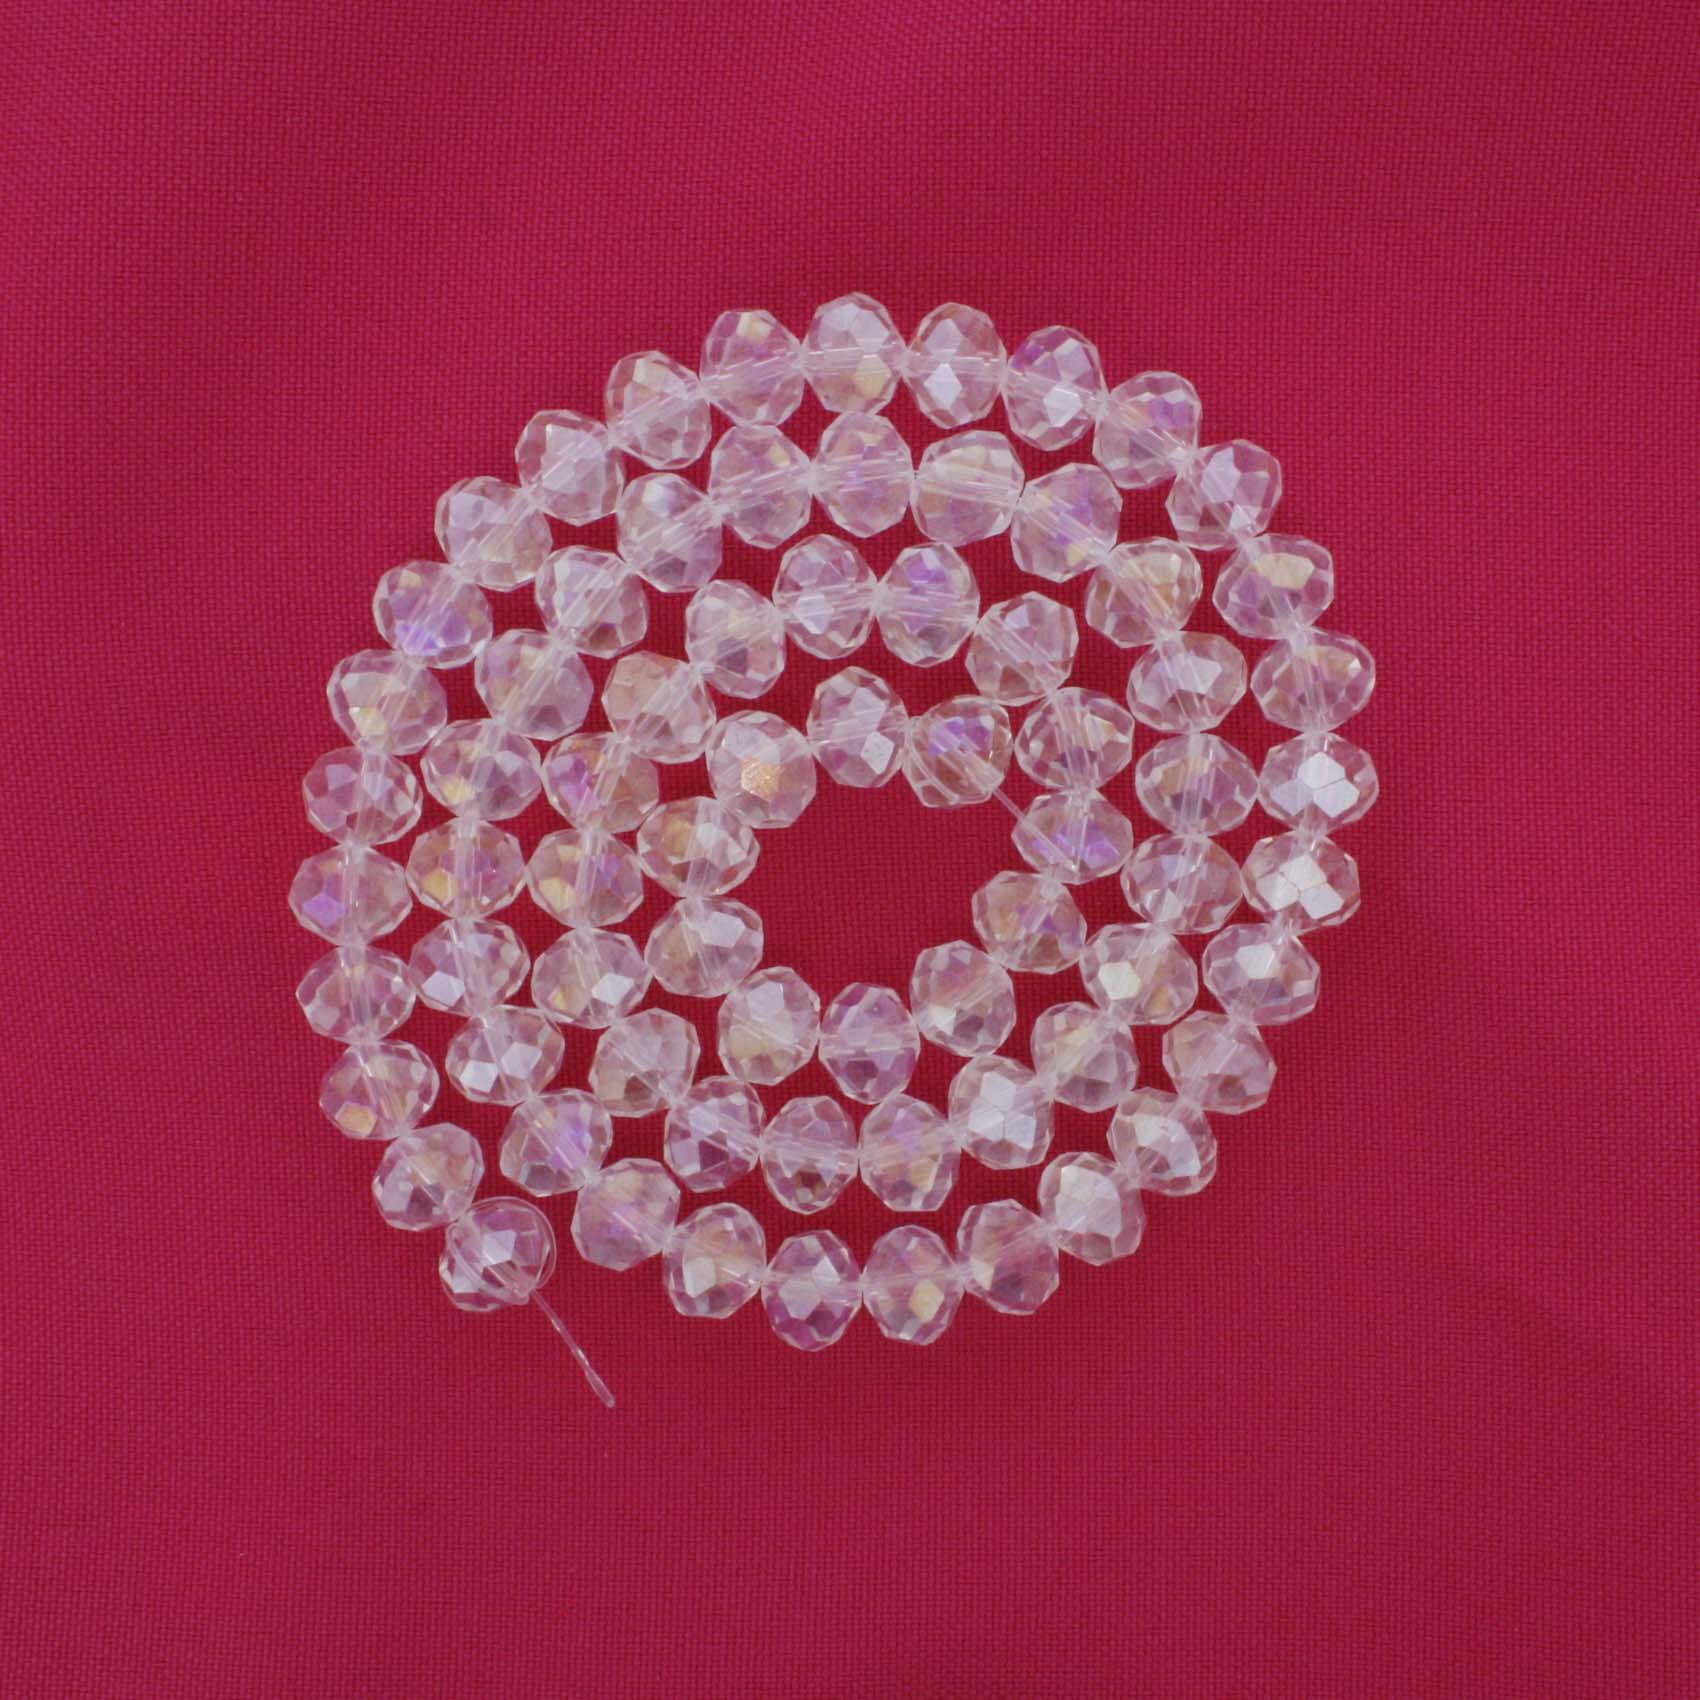 Fio de Cristal - Flat® - Transparente Irizado - 10mm  - Stéphanie Bijoux® - Peças para Bijuterias e Artesanato